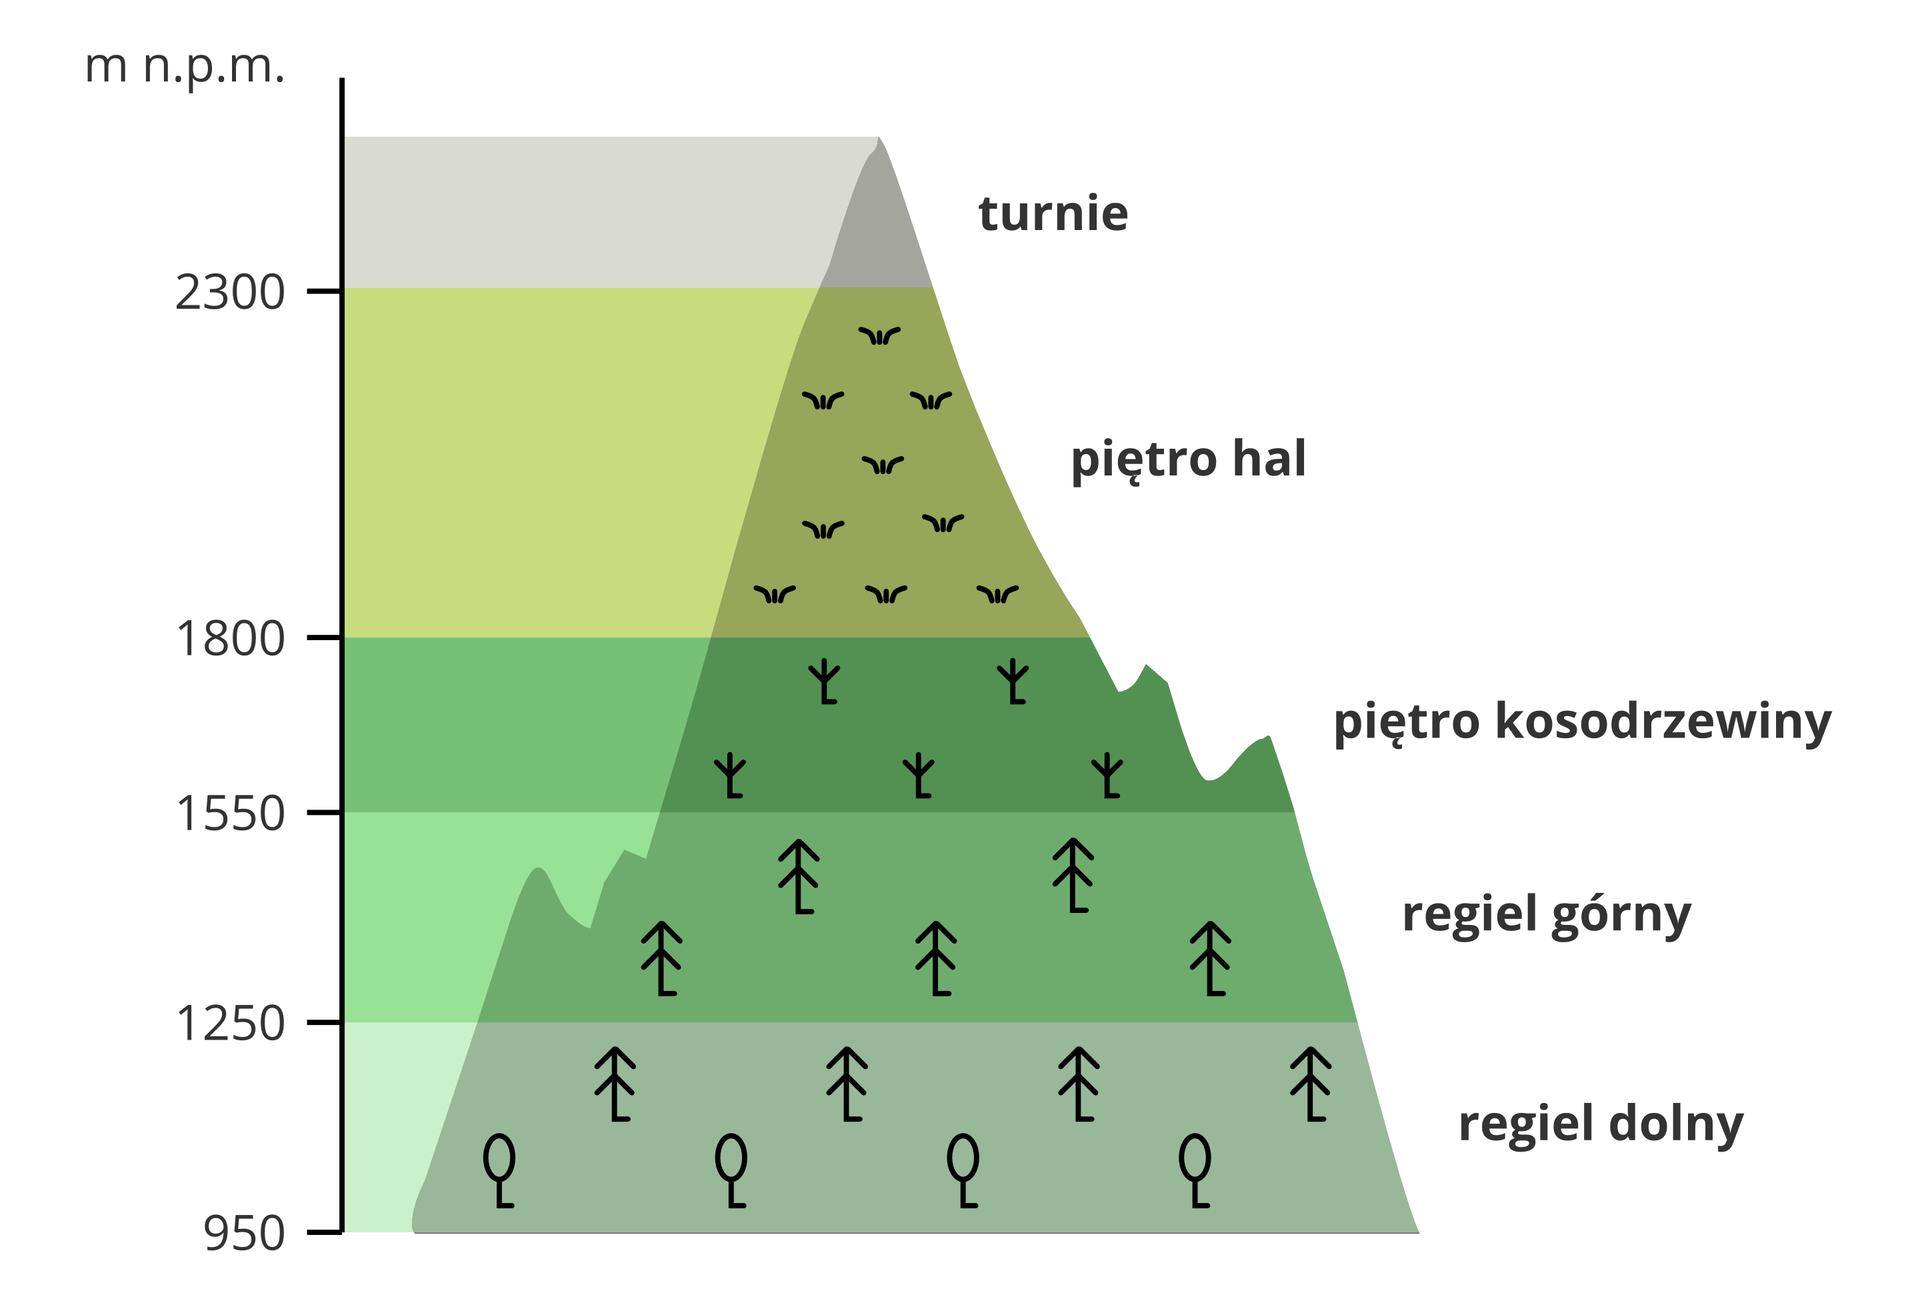 Na ilustacji piętra roślinne zaznaczone kolorami iznakami na schematycznym stoku górskim. turniepowyżej 2300 metrów nad poziomem morzahale1800-2300 metrów nad poziomem morzakosodrzewina1550-1800 metrów nad poziomem morzaregiel górny1250-1550 metrów nad poziomem morzaregiel dolny950-1250 metrów nad poziomem morza